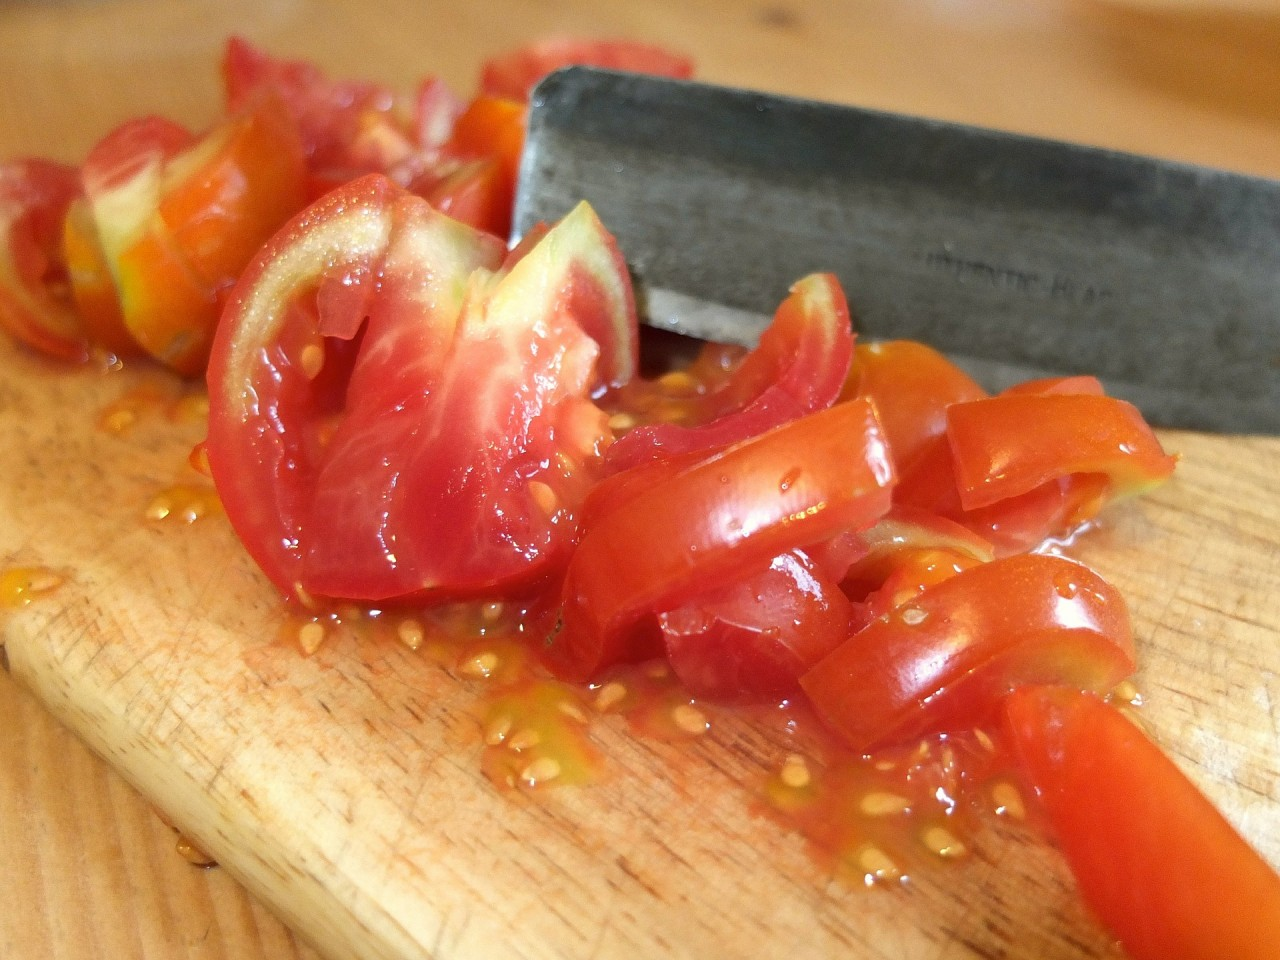 tomato-425721_1920